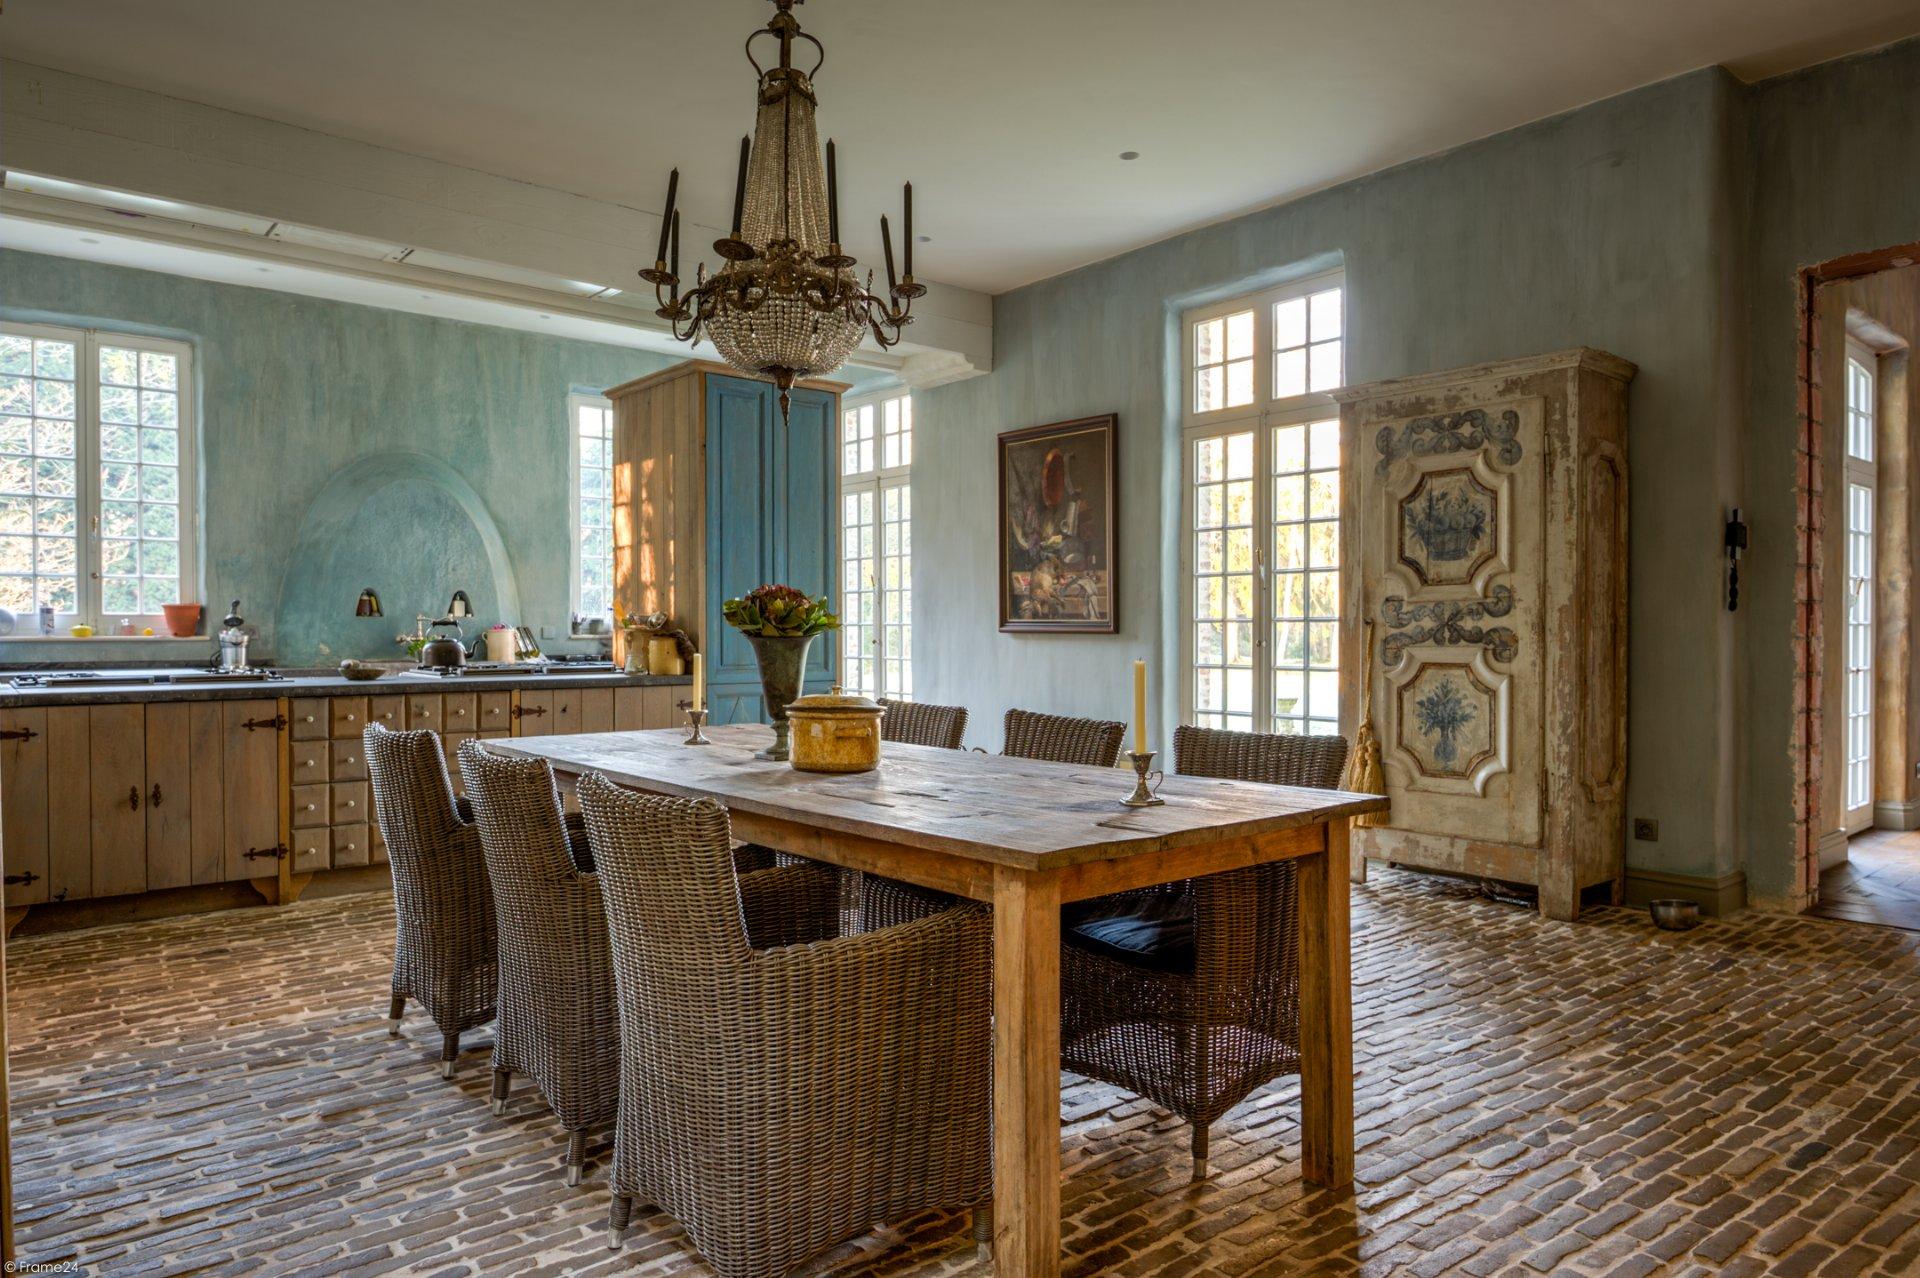 кухня столовая стол люстра кресла